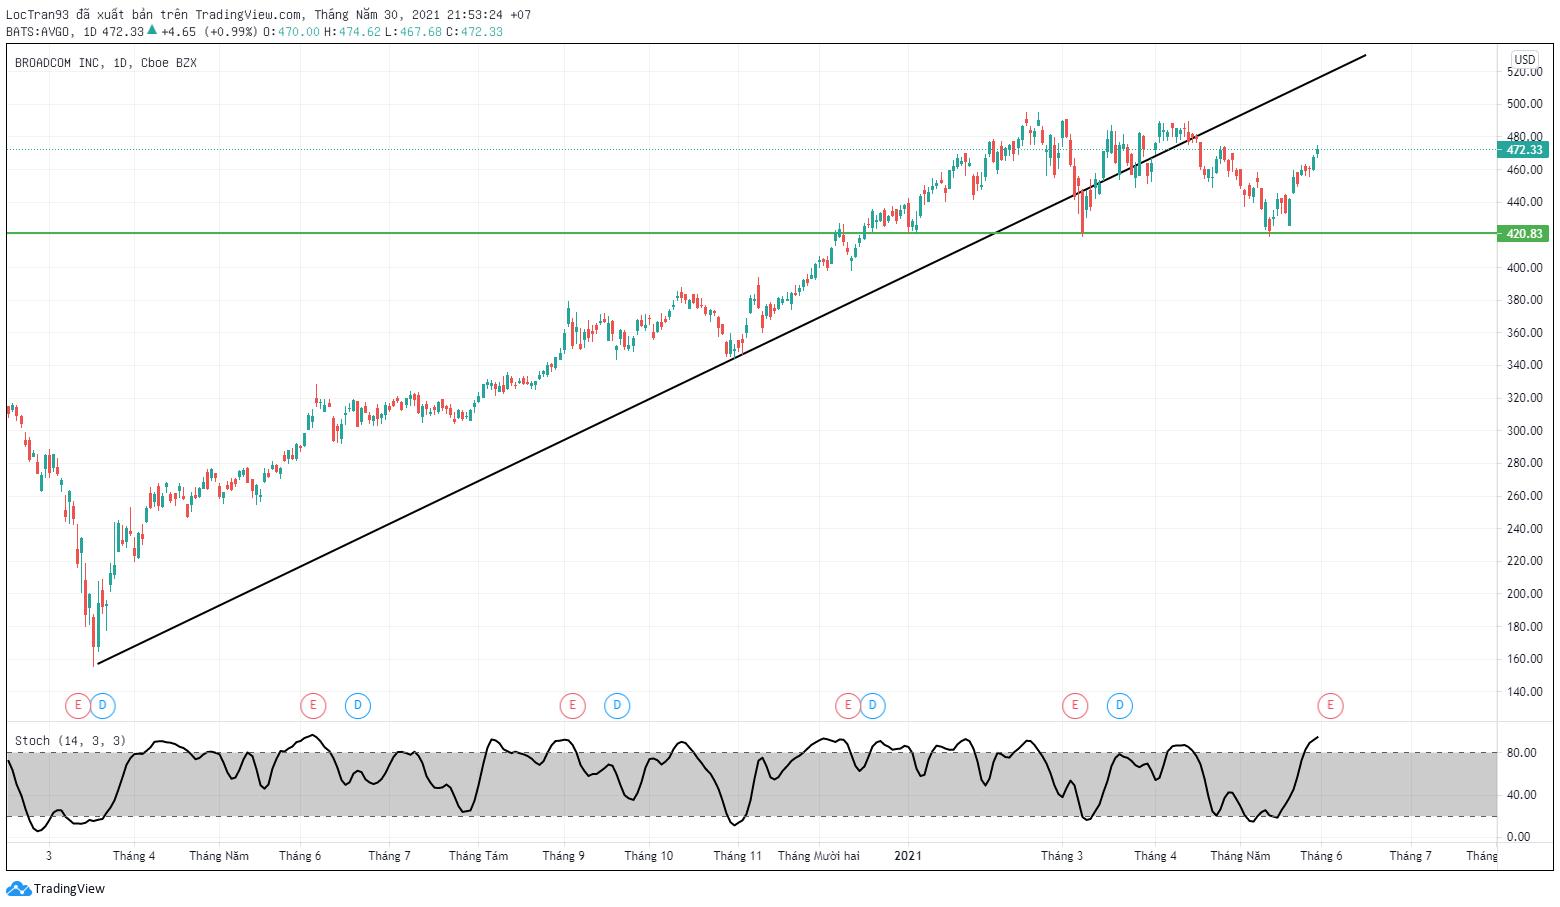 Biểu đồ cổ phiếu Broadcom